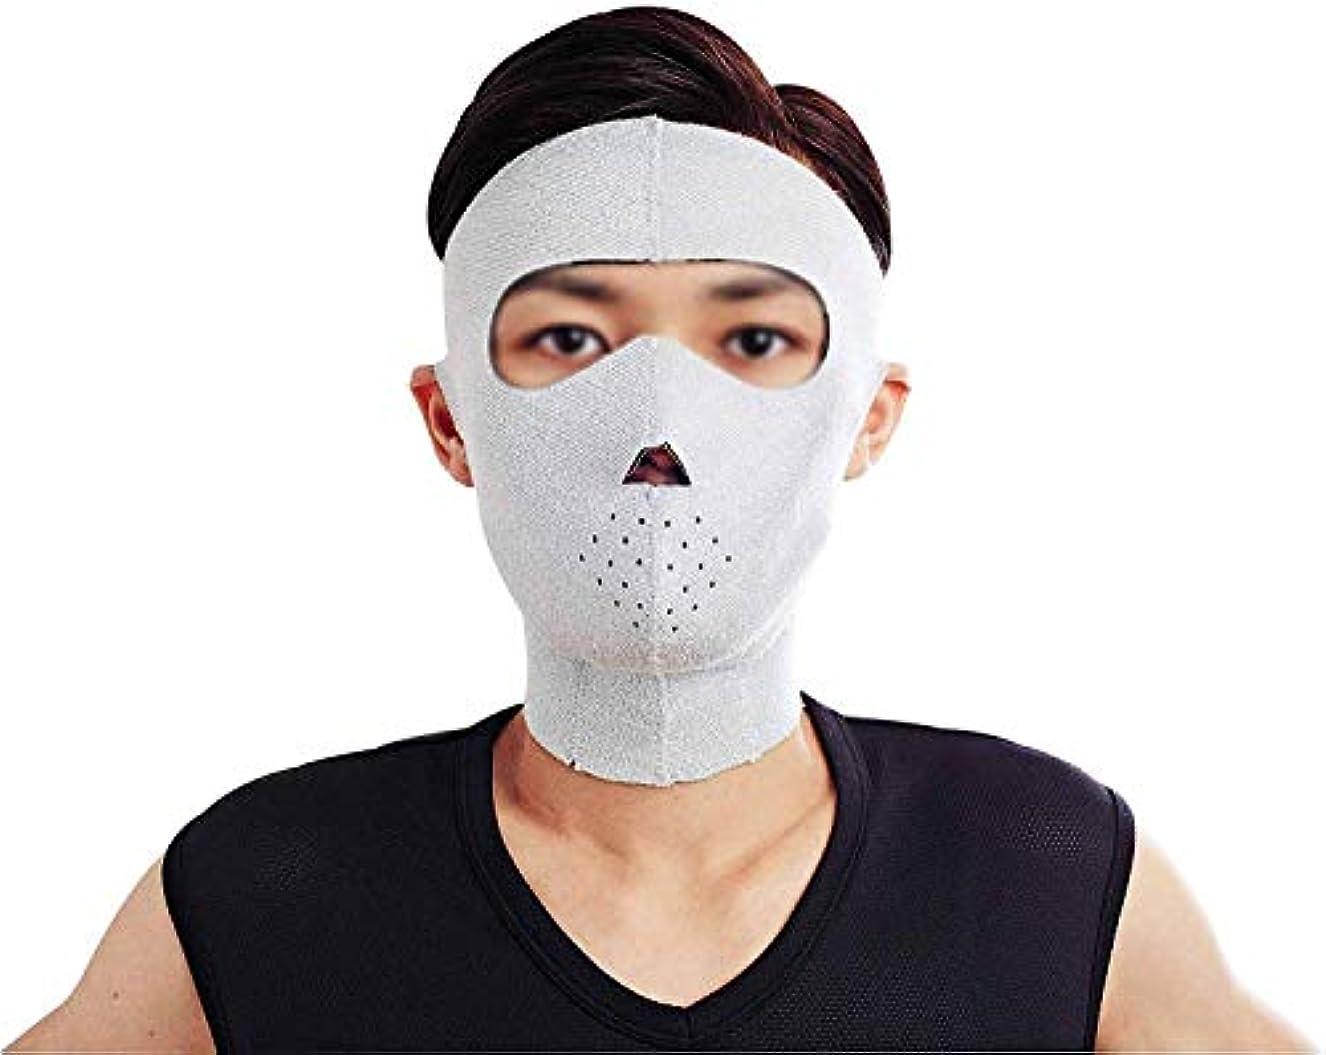 簡略化するレディカフェ美容と実用的なフェイスリフトマスク、フェイシャルマスクプラス薄型フェイスマスクタイトアンチタギング薄型フェイスマスクフェイシャル薄型フェイスマスクアーティファクト男性ネックストラップ付き